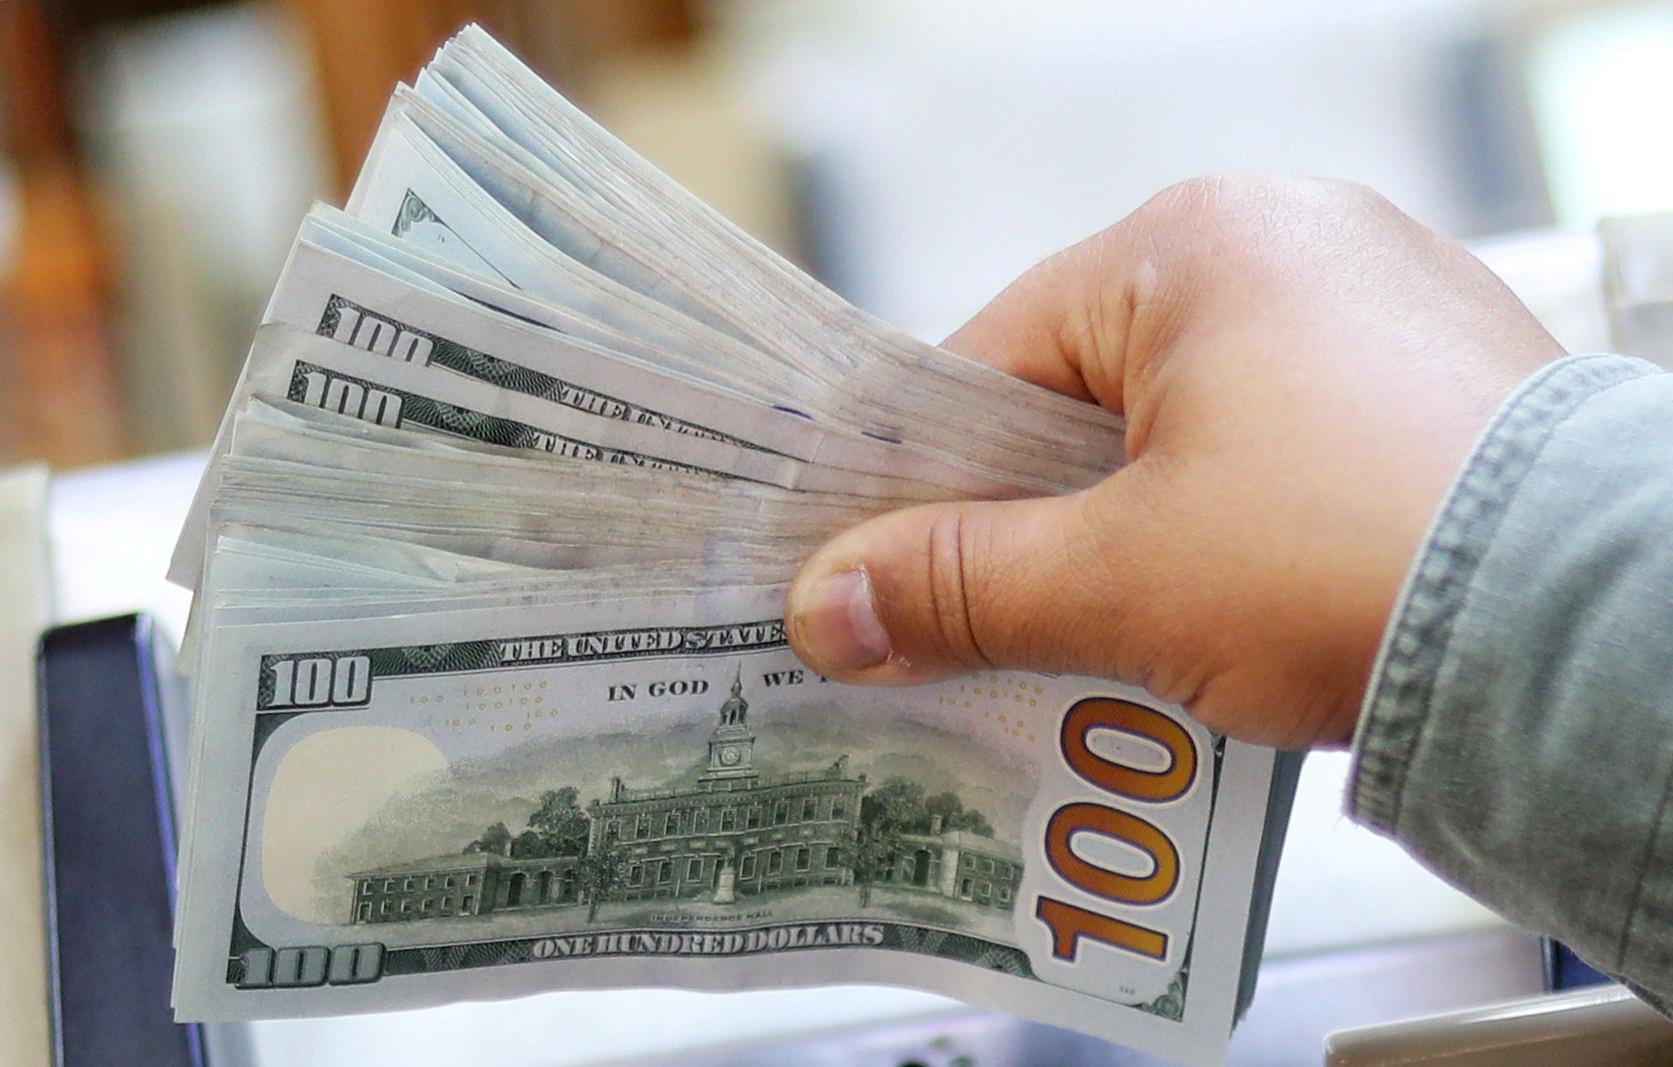 سعر الدولار اليوم الأربعاء 15 يوليو 2020 في البنوك المصرية أموال